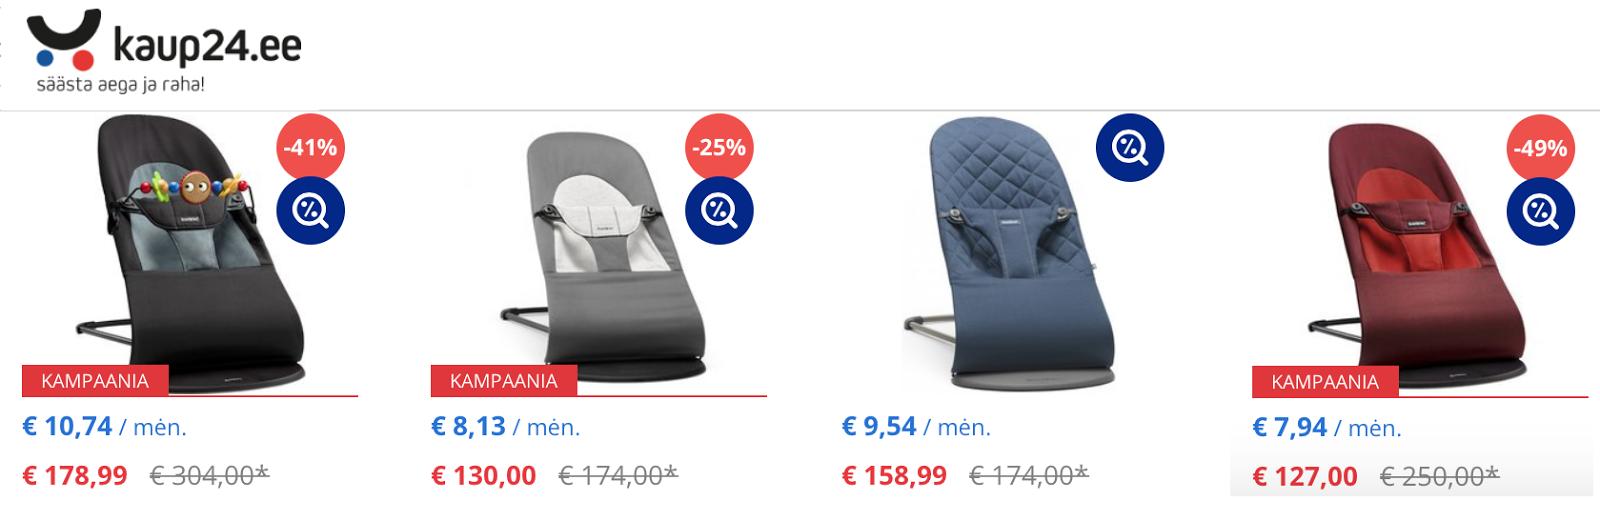 0e08936c508 Esmapilgul oleksid kaup24 e-poe hinnad soodsaimad, sest seal on kõige  suuremad allahindlusprotsendid. Mind pani jahmatama mänguasjadega  lamamistooli ...